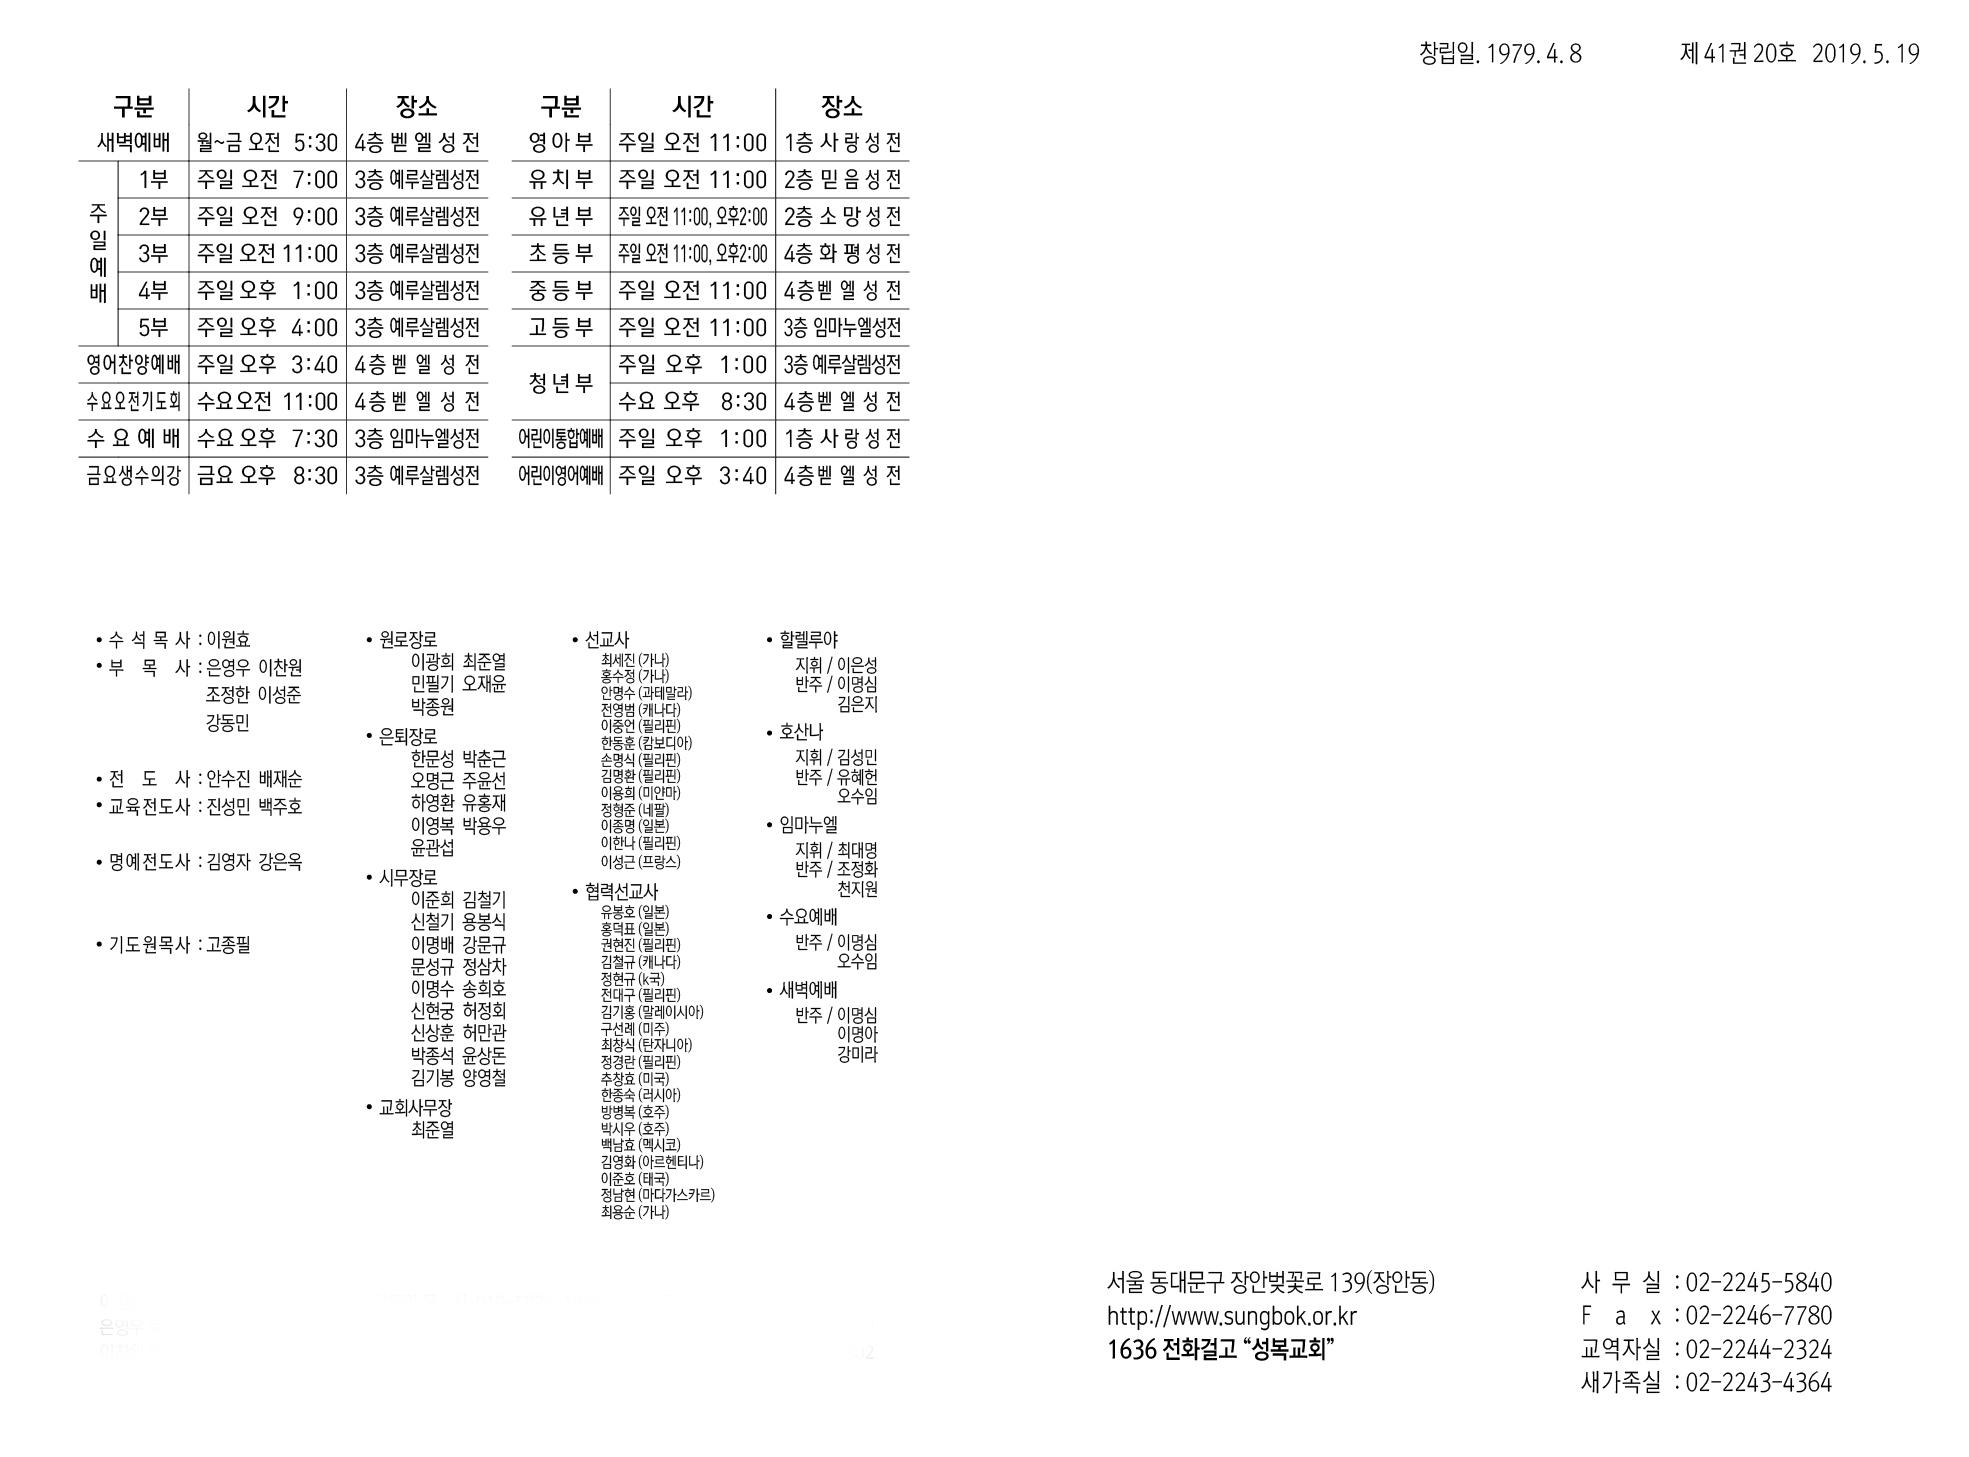 355ddbaf79ef18245eae8f197ecb007b.jpg